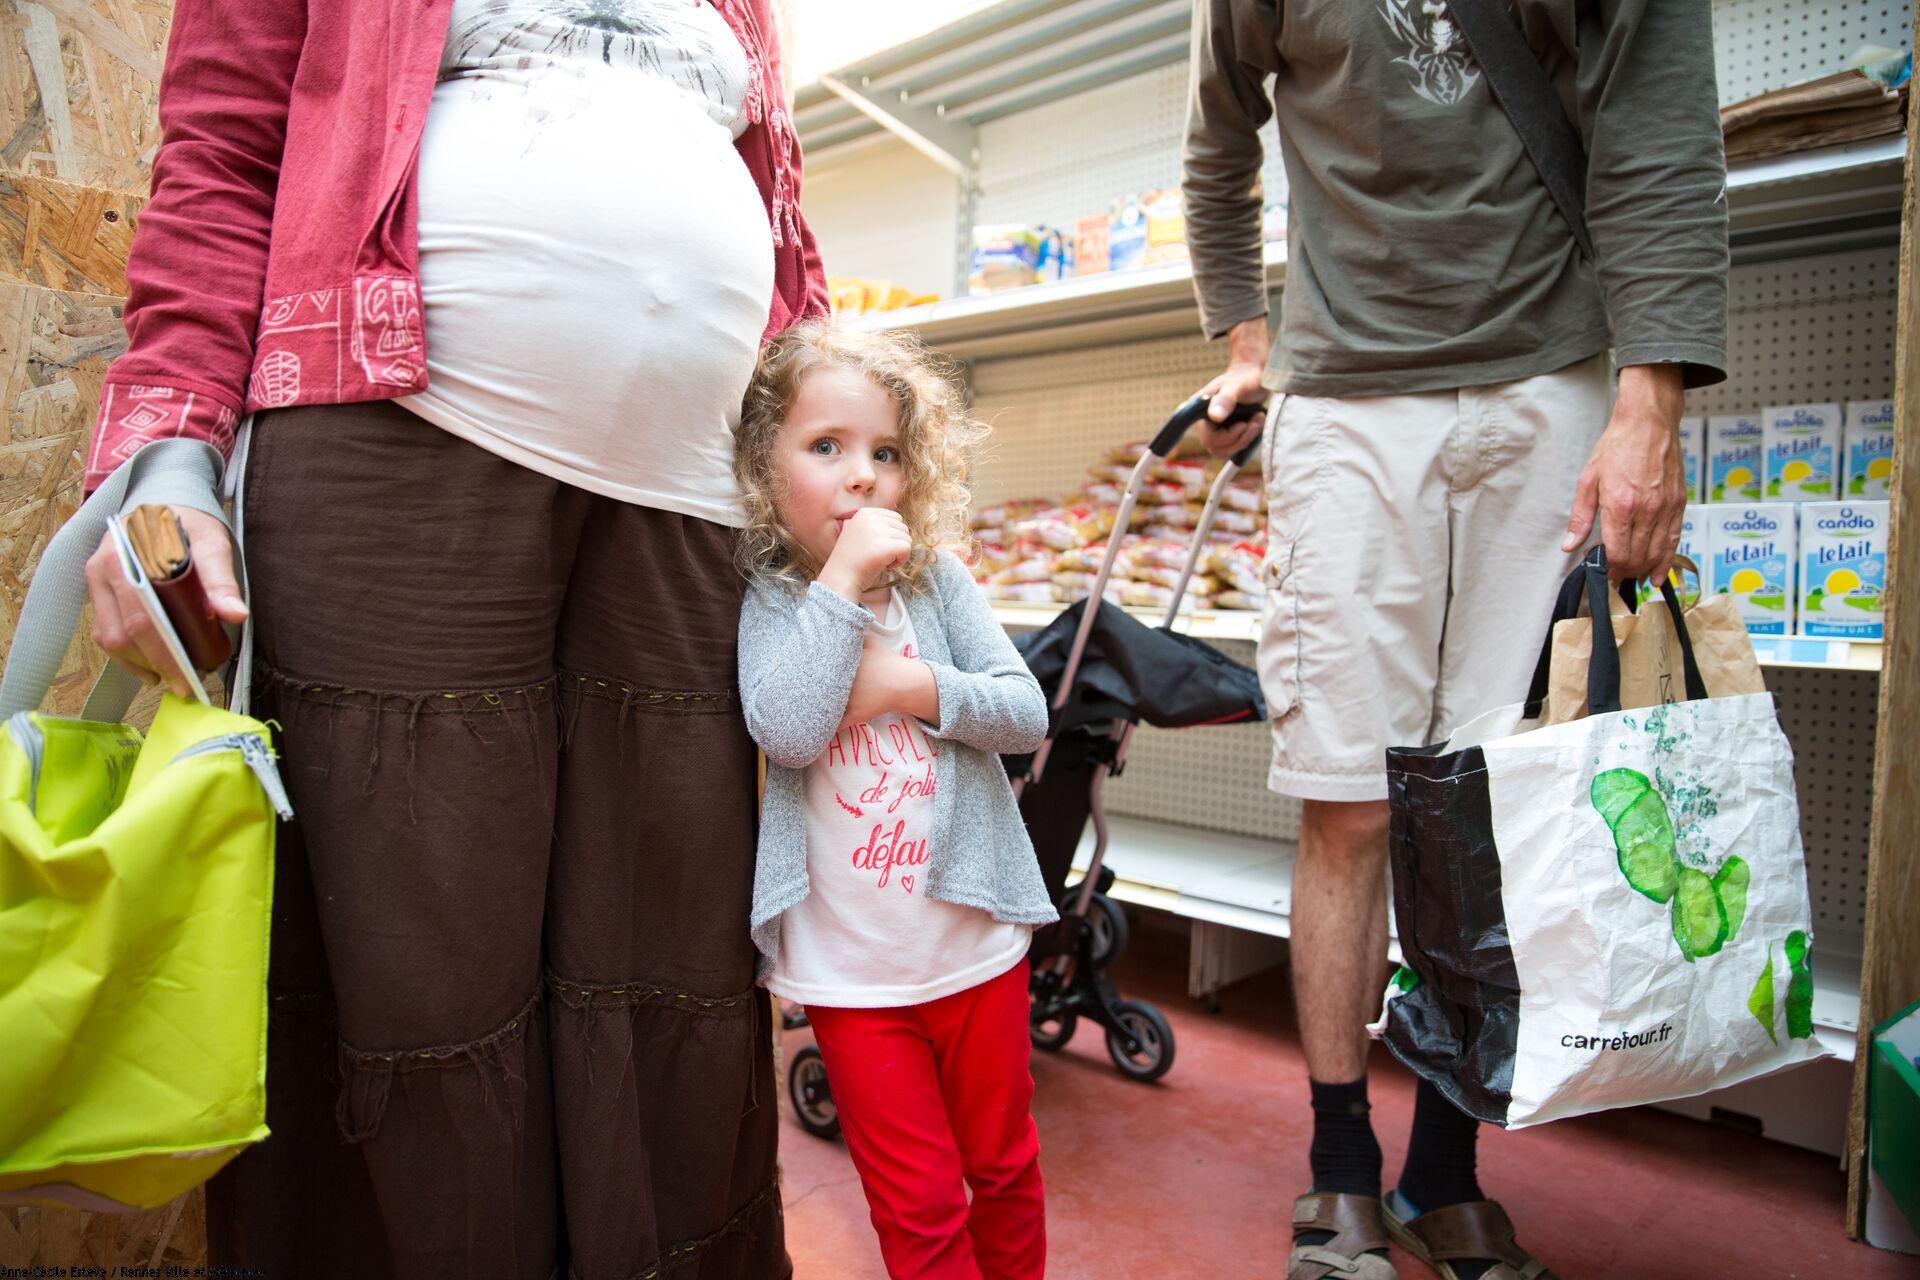 Une petite fille suce son pouce et une femme enceinte